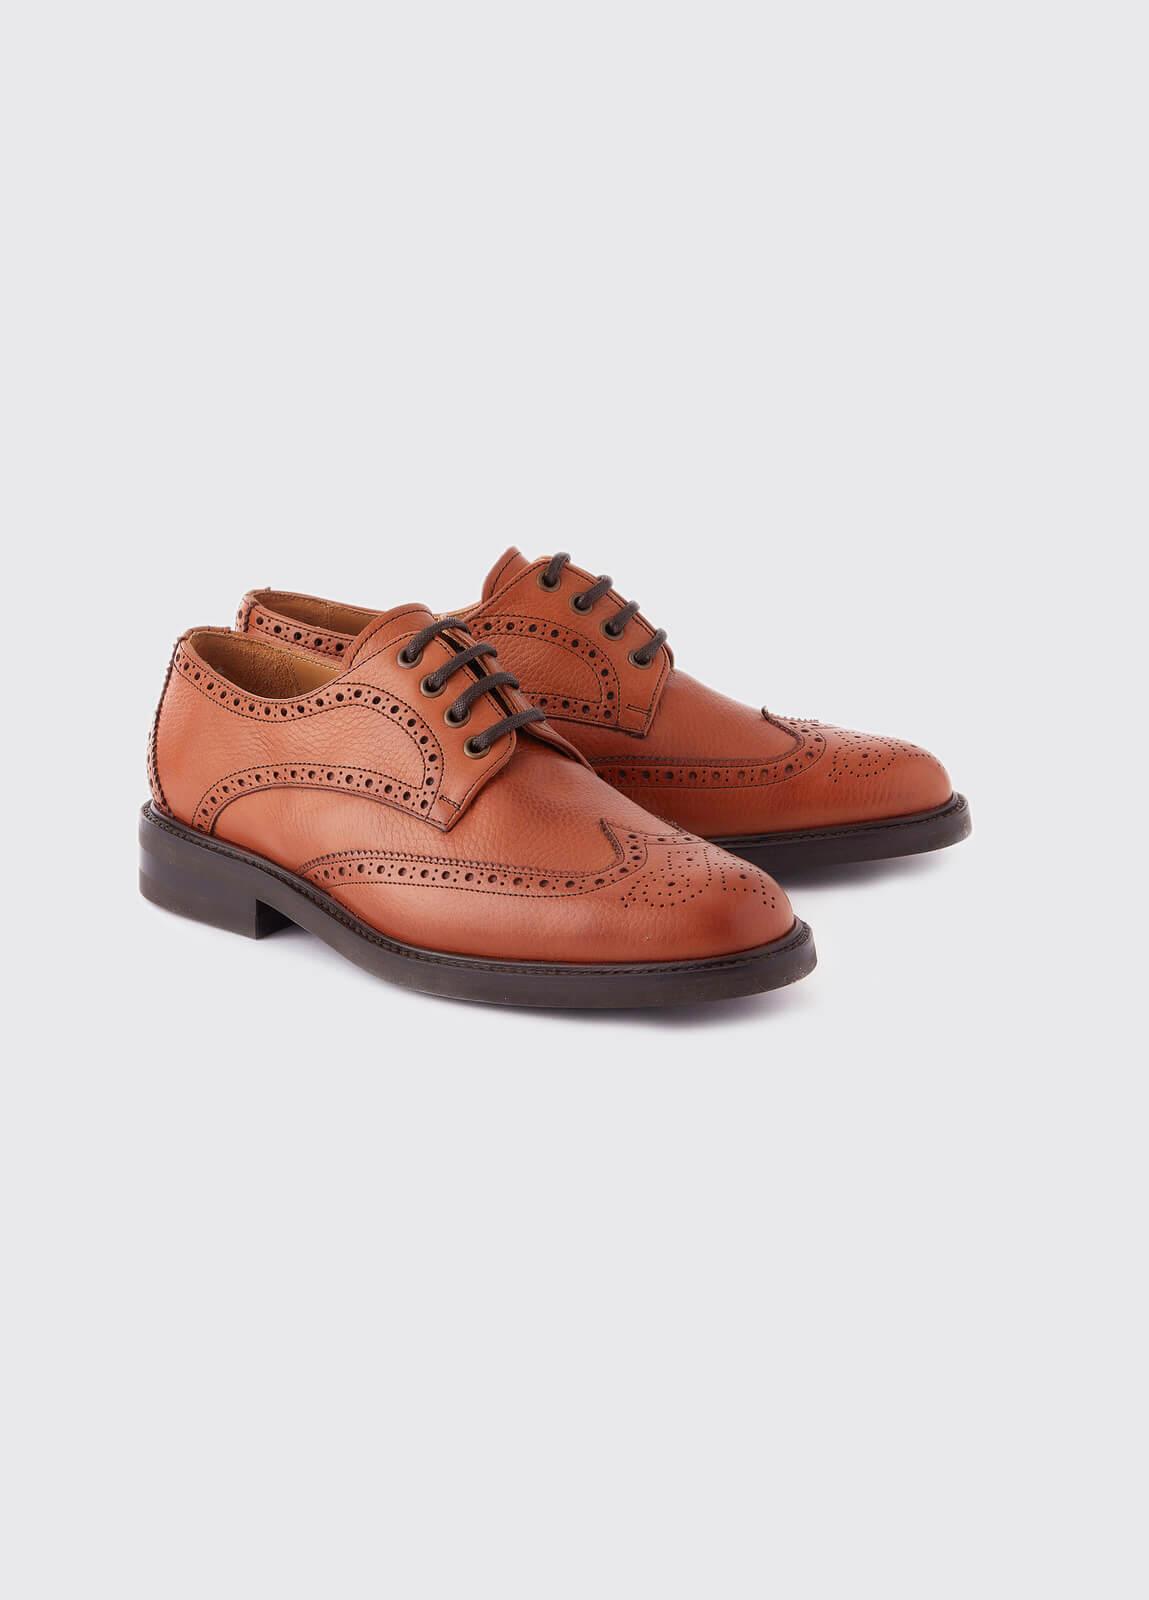 Derry Goodyear Brogue Boot - Tan